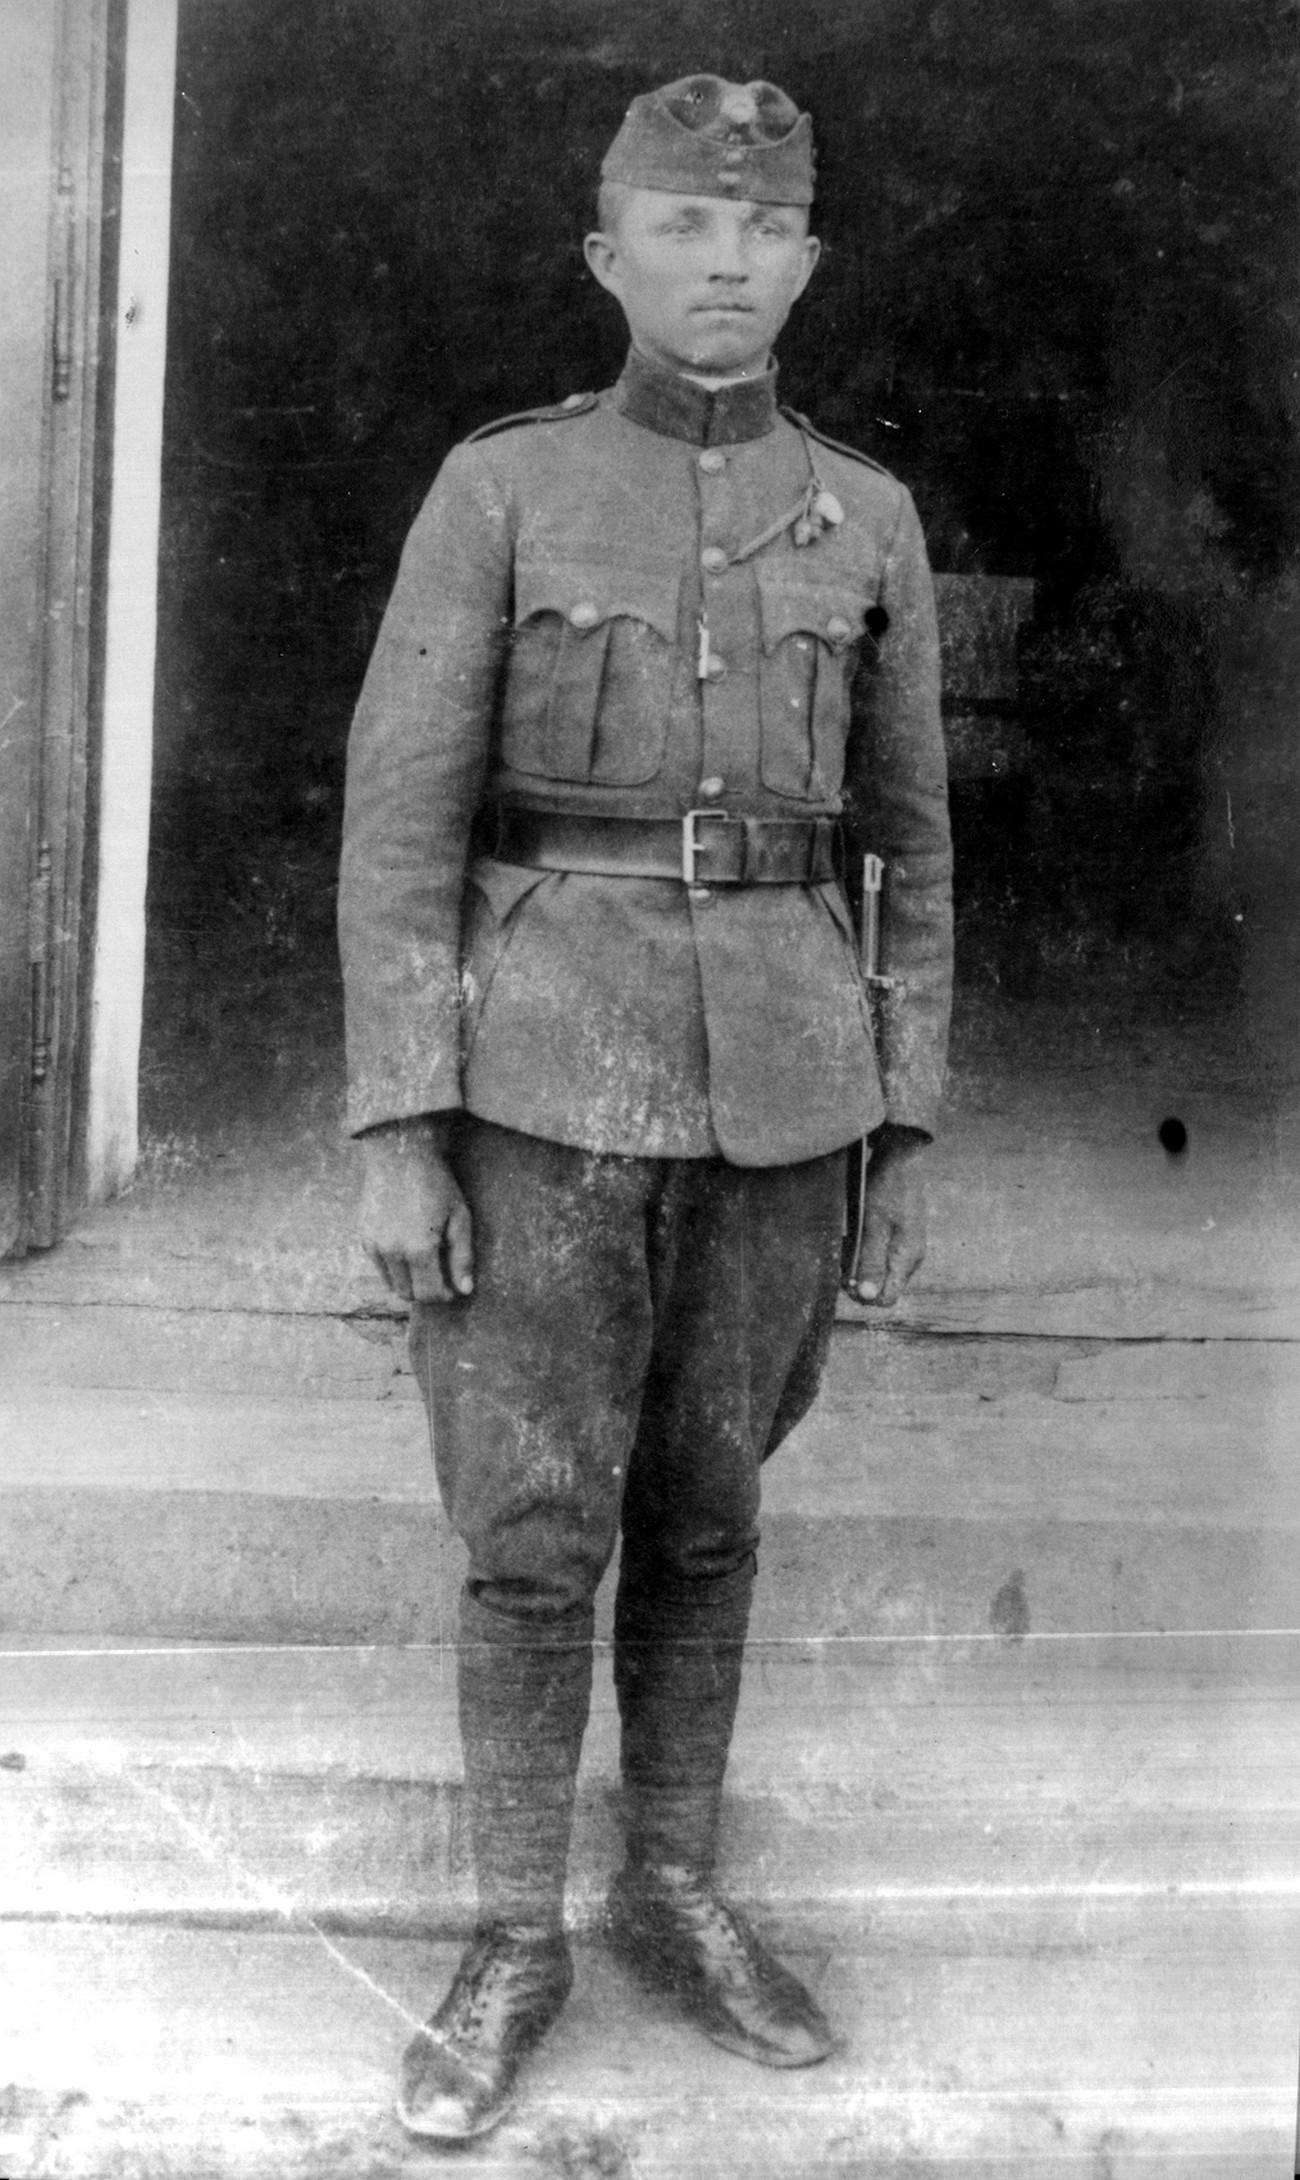 Vojak Jožef Sukič (Szukics József) iz Gornjega Senika na fotografiji iz leta 1930. Med drugo svetovno vojno, ko je bil ponovno mobiliziran, je izginil na fronti. Fotografijo hrani Marija Mukič.